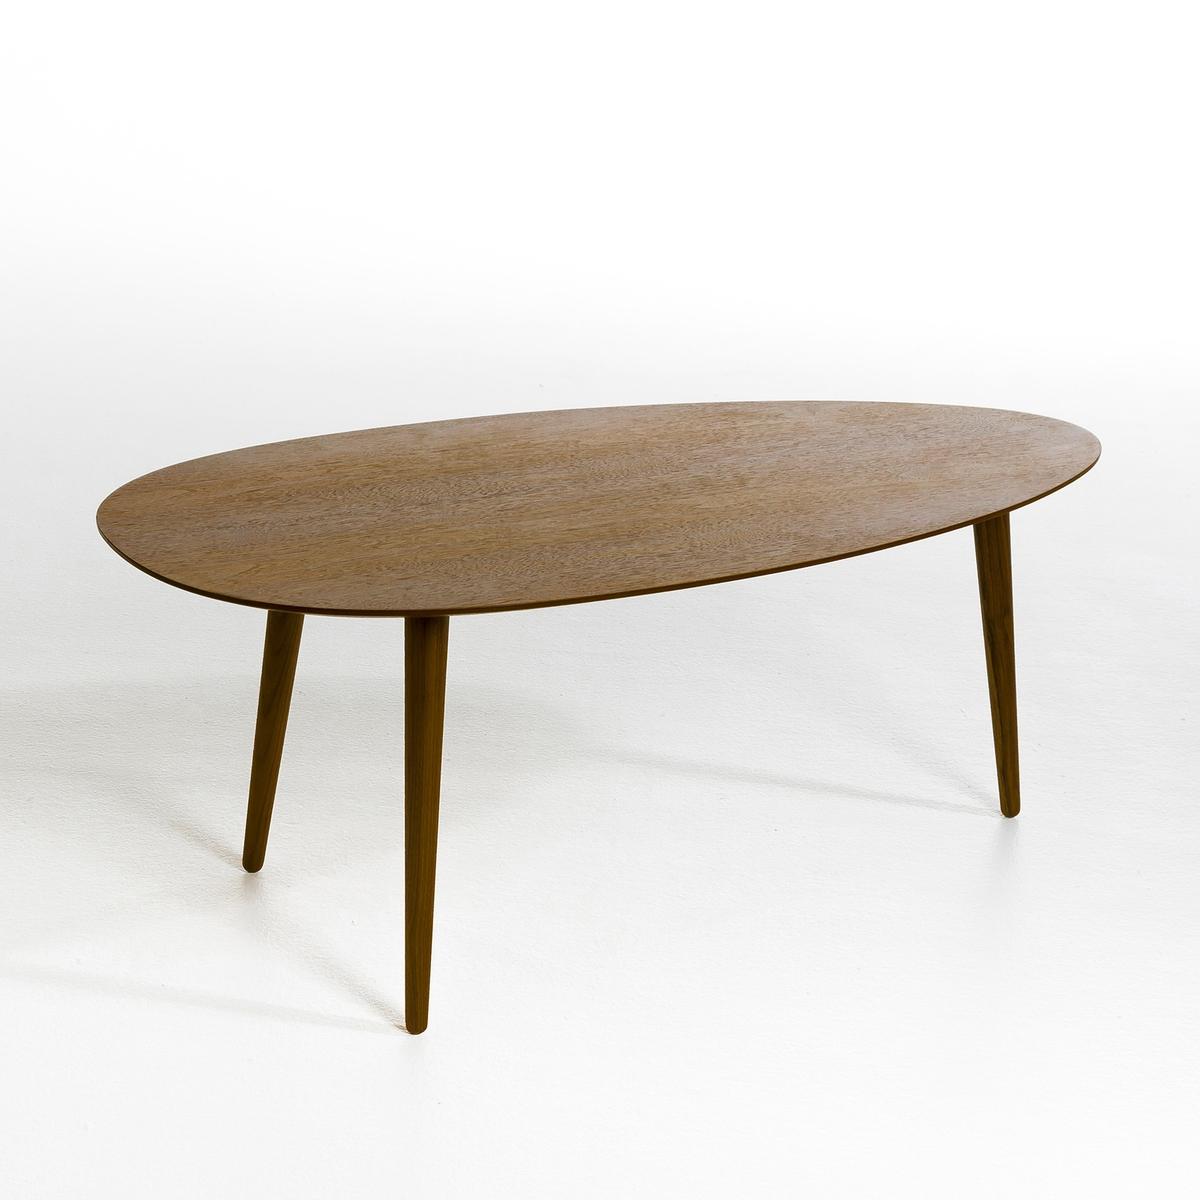 Журнальный столик из каучукового дерева с лакированным покрытием  Дл70 см, Flashback